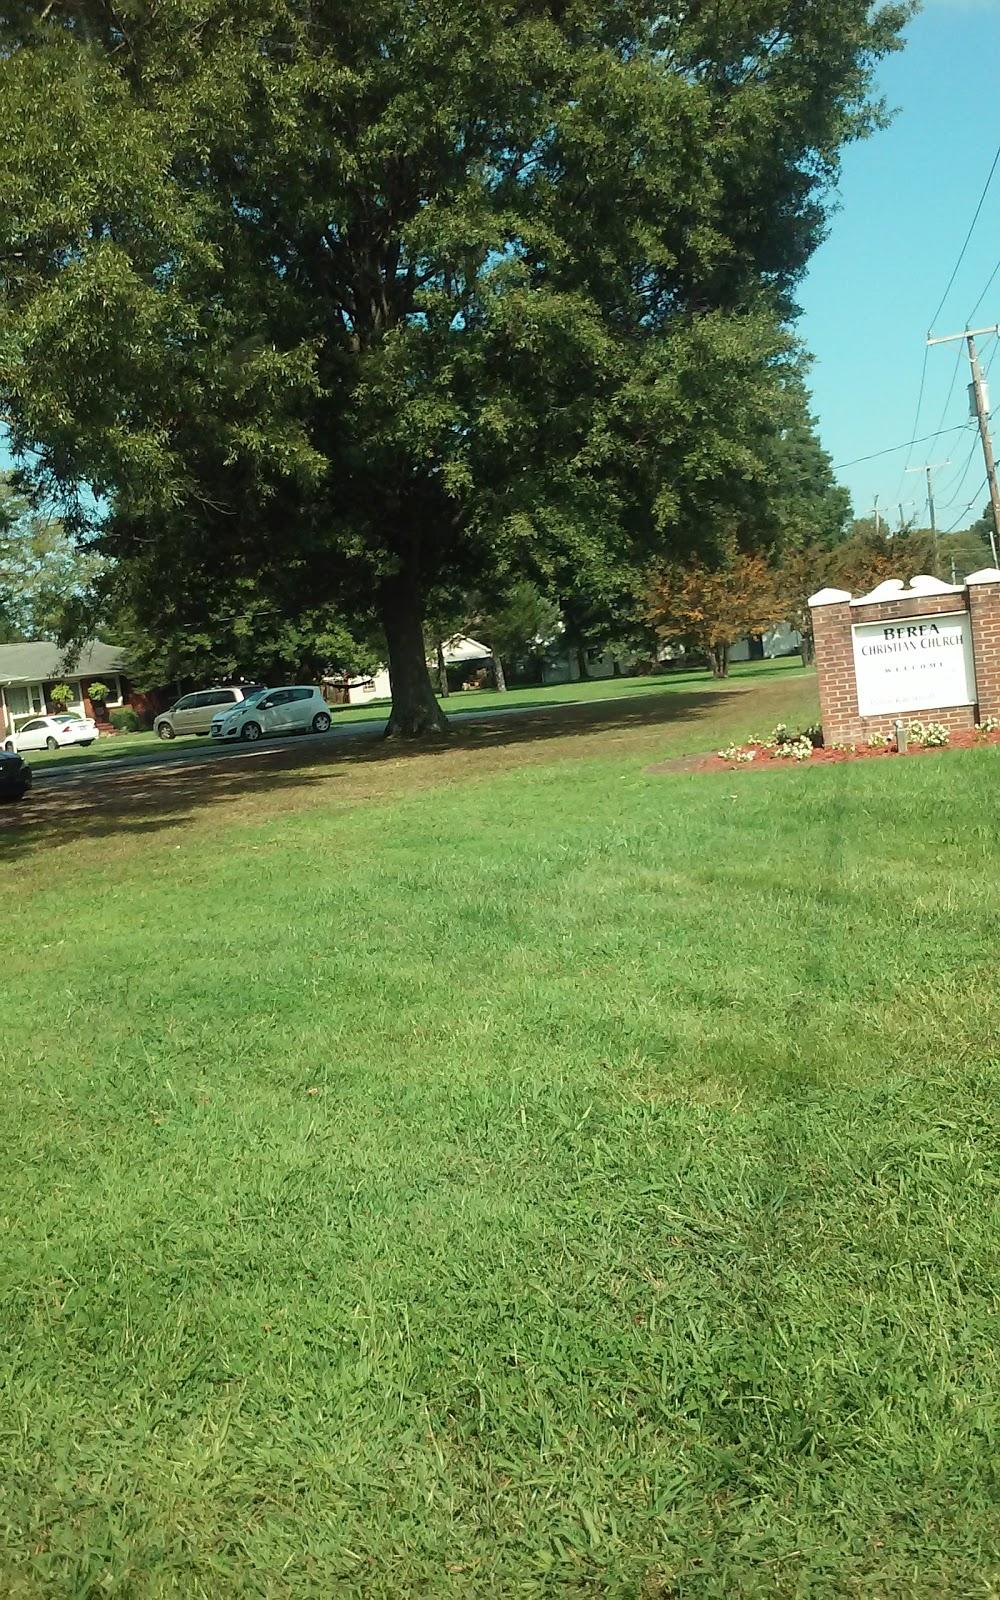 Berea Christian Church - church  | Photo 4 of 10 | Address: 4109 Driver Ln, Suffolk, VA 23435, USA | Phone: (757) 538-8872